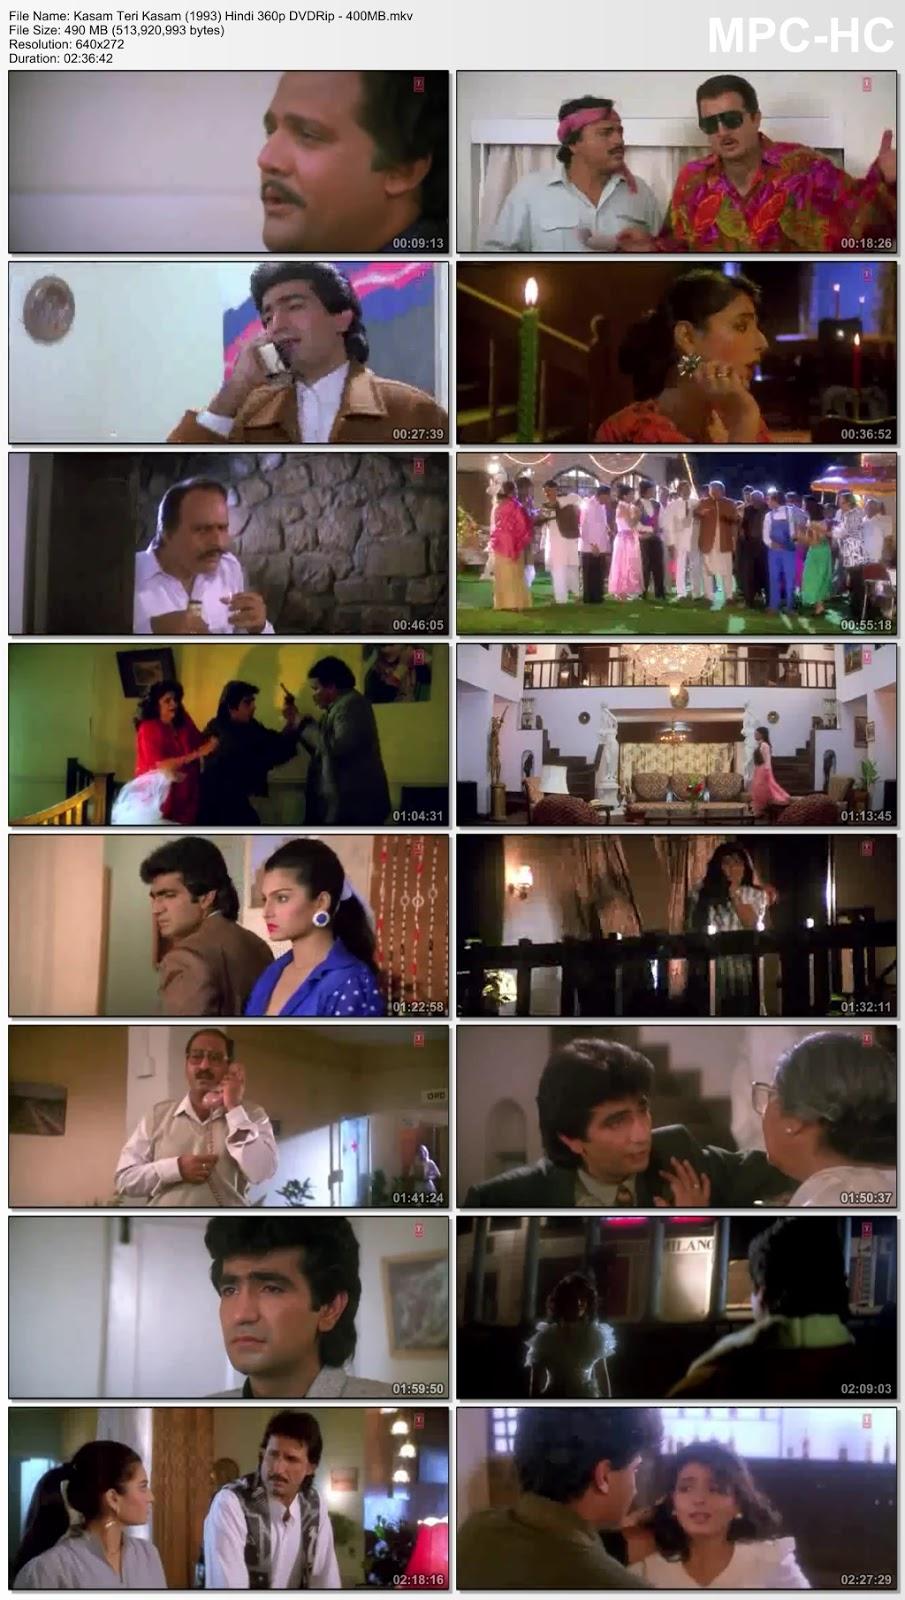 Kasam Teri Kasam 1993 Hindi 360p DVDRip 400MB Desirehub